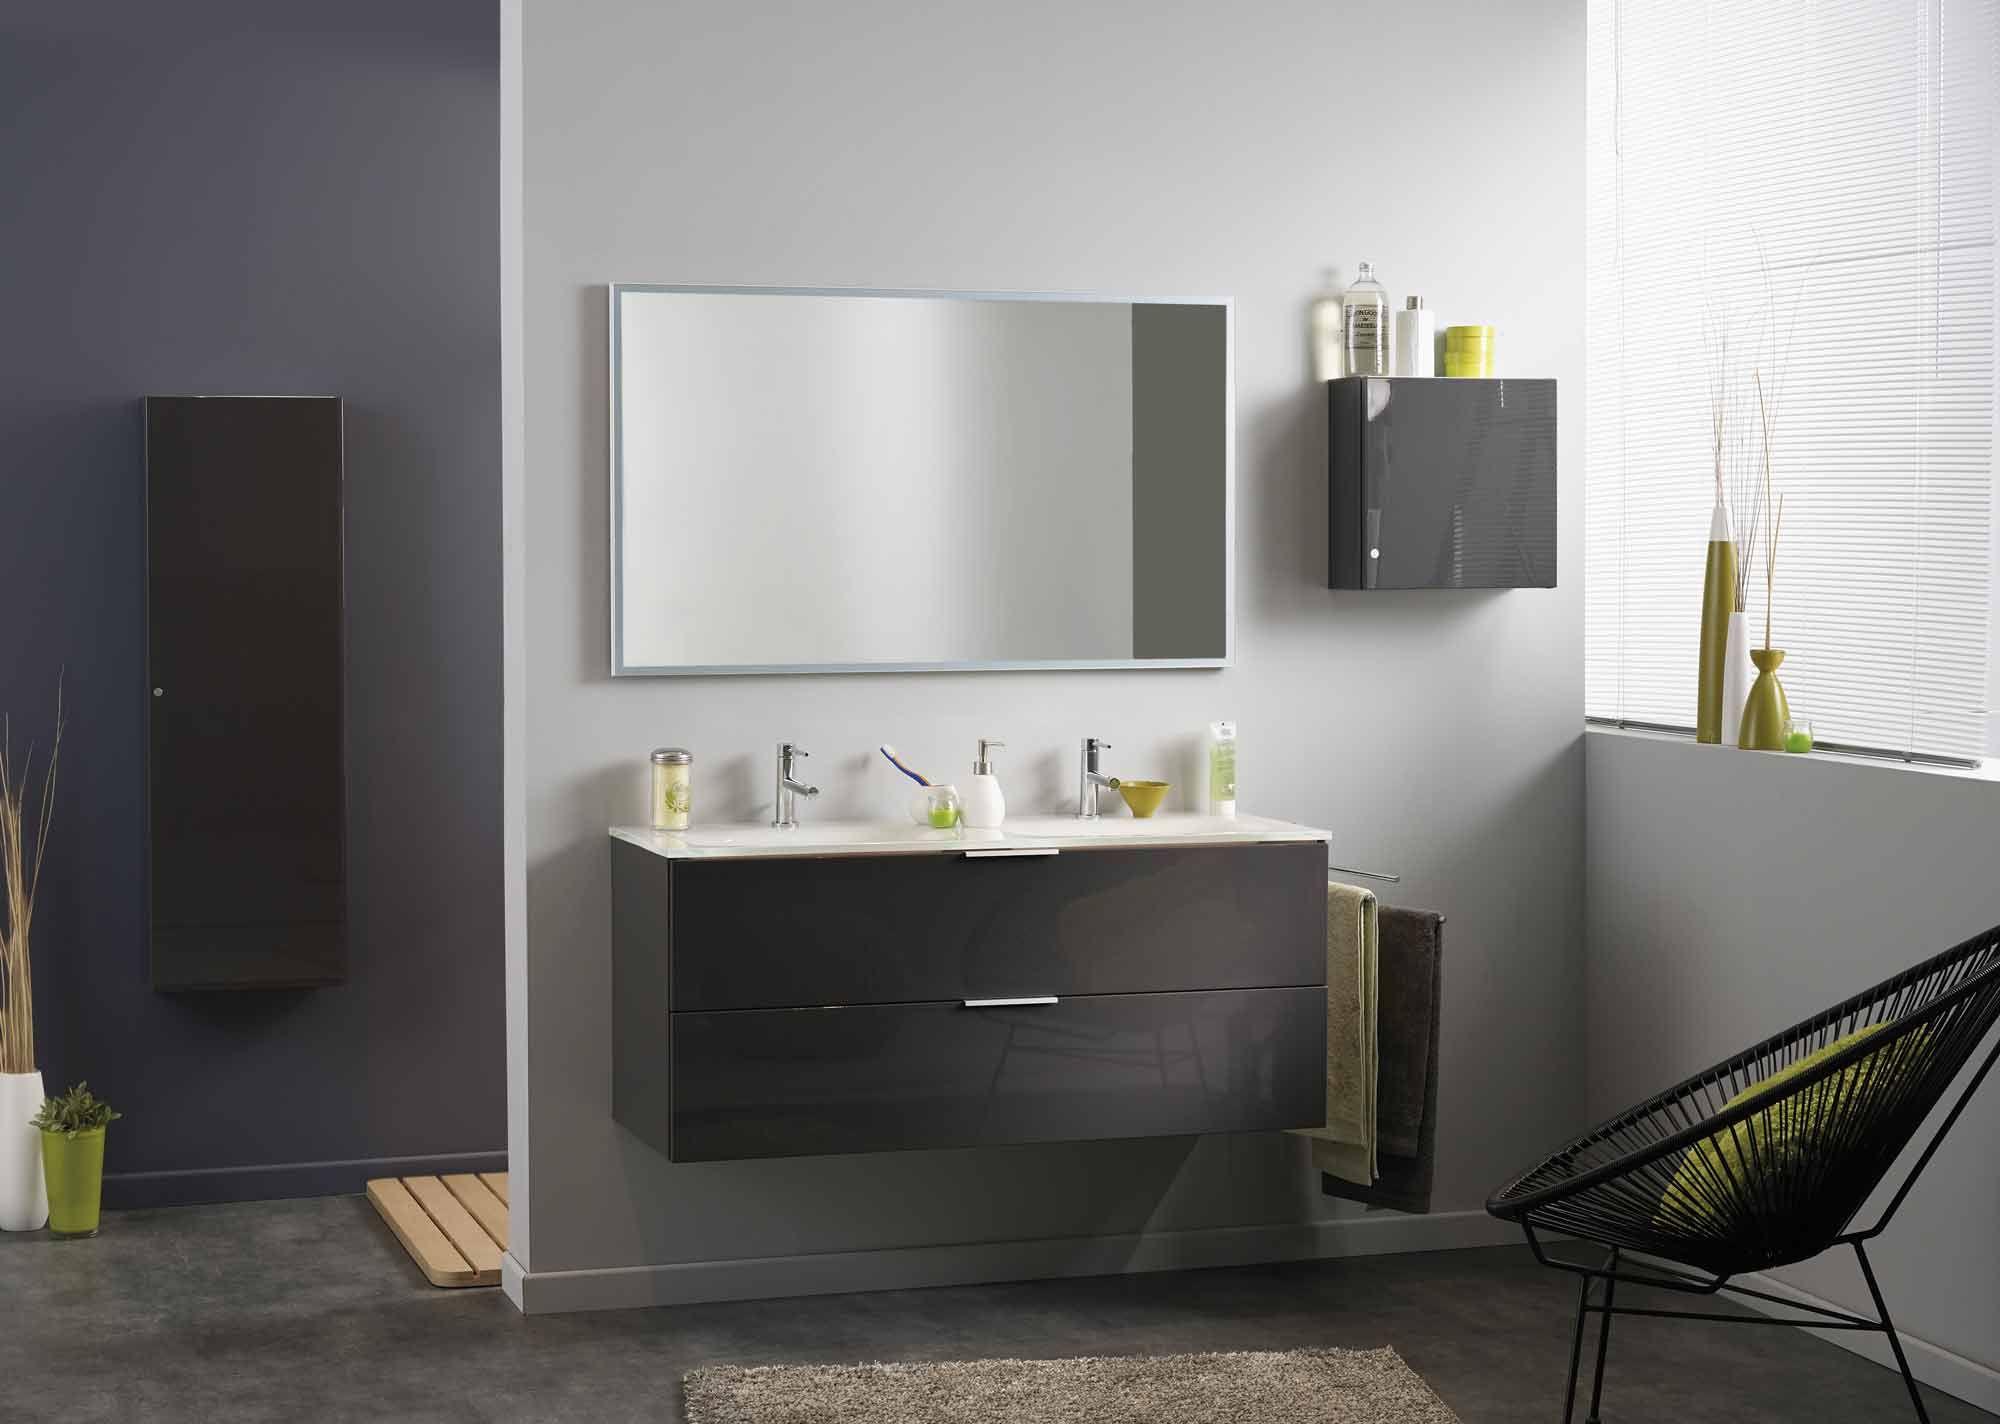 luxy armoire murale de salle de bains grise d coration d co maison alin a prendre. Black Bedroom Furniture Sets. Home Design Ideas